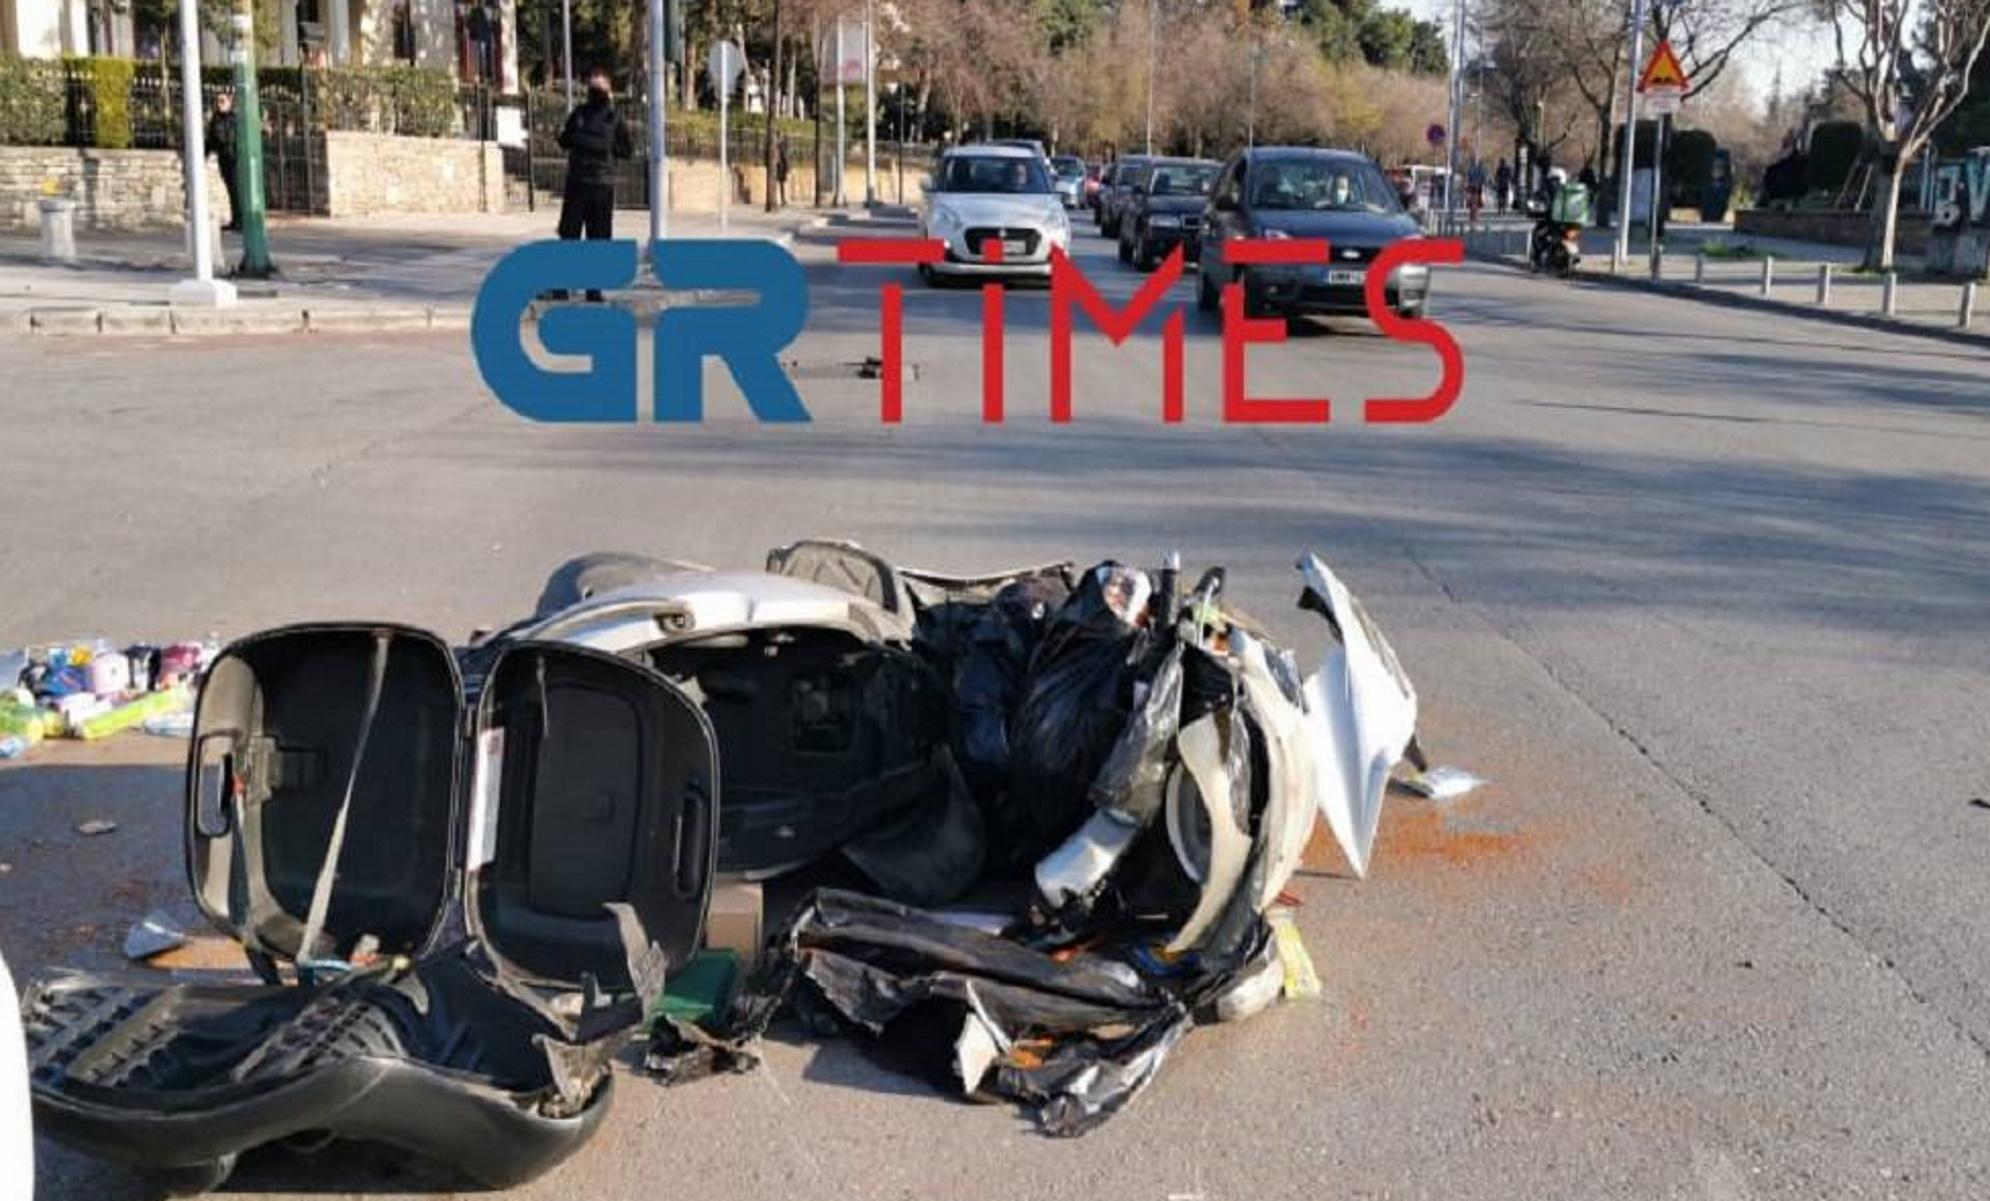 Θεσσαλονίκη: Σοκαριστικό τροχαίο με έναν τραυματία μπροστά σε εκκλησία (pics, video)